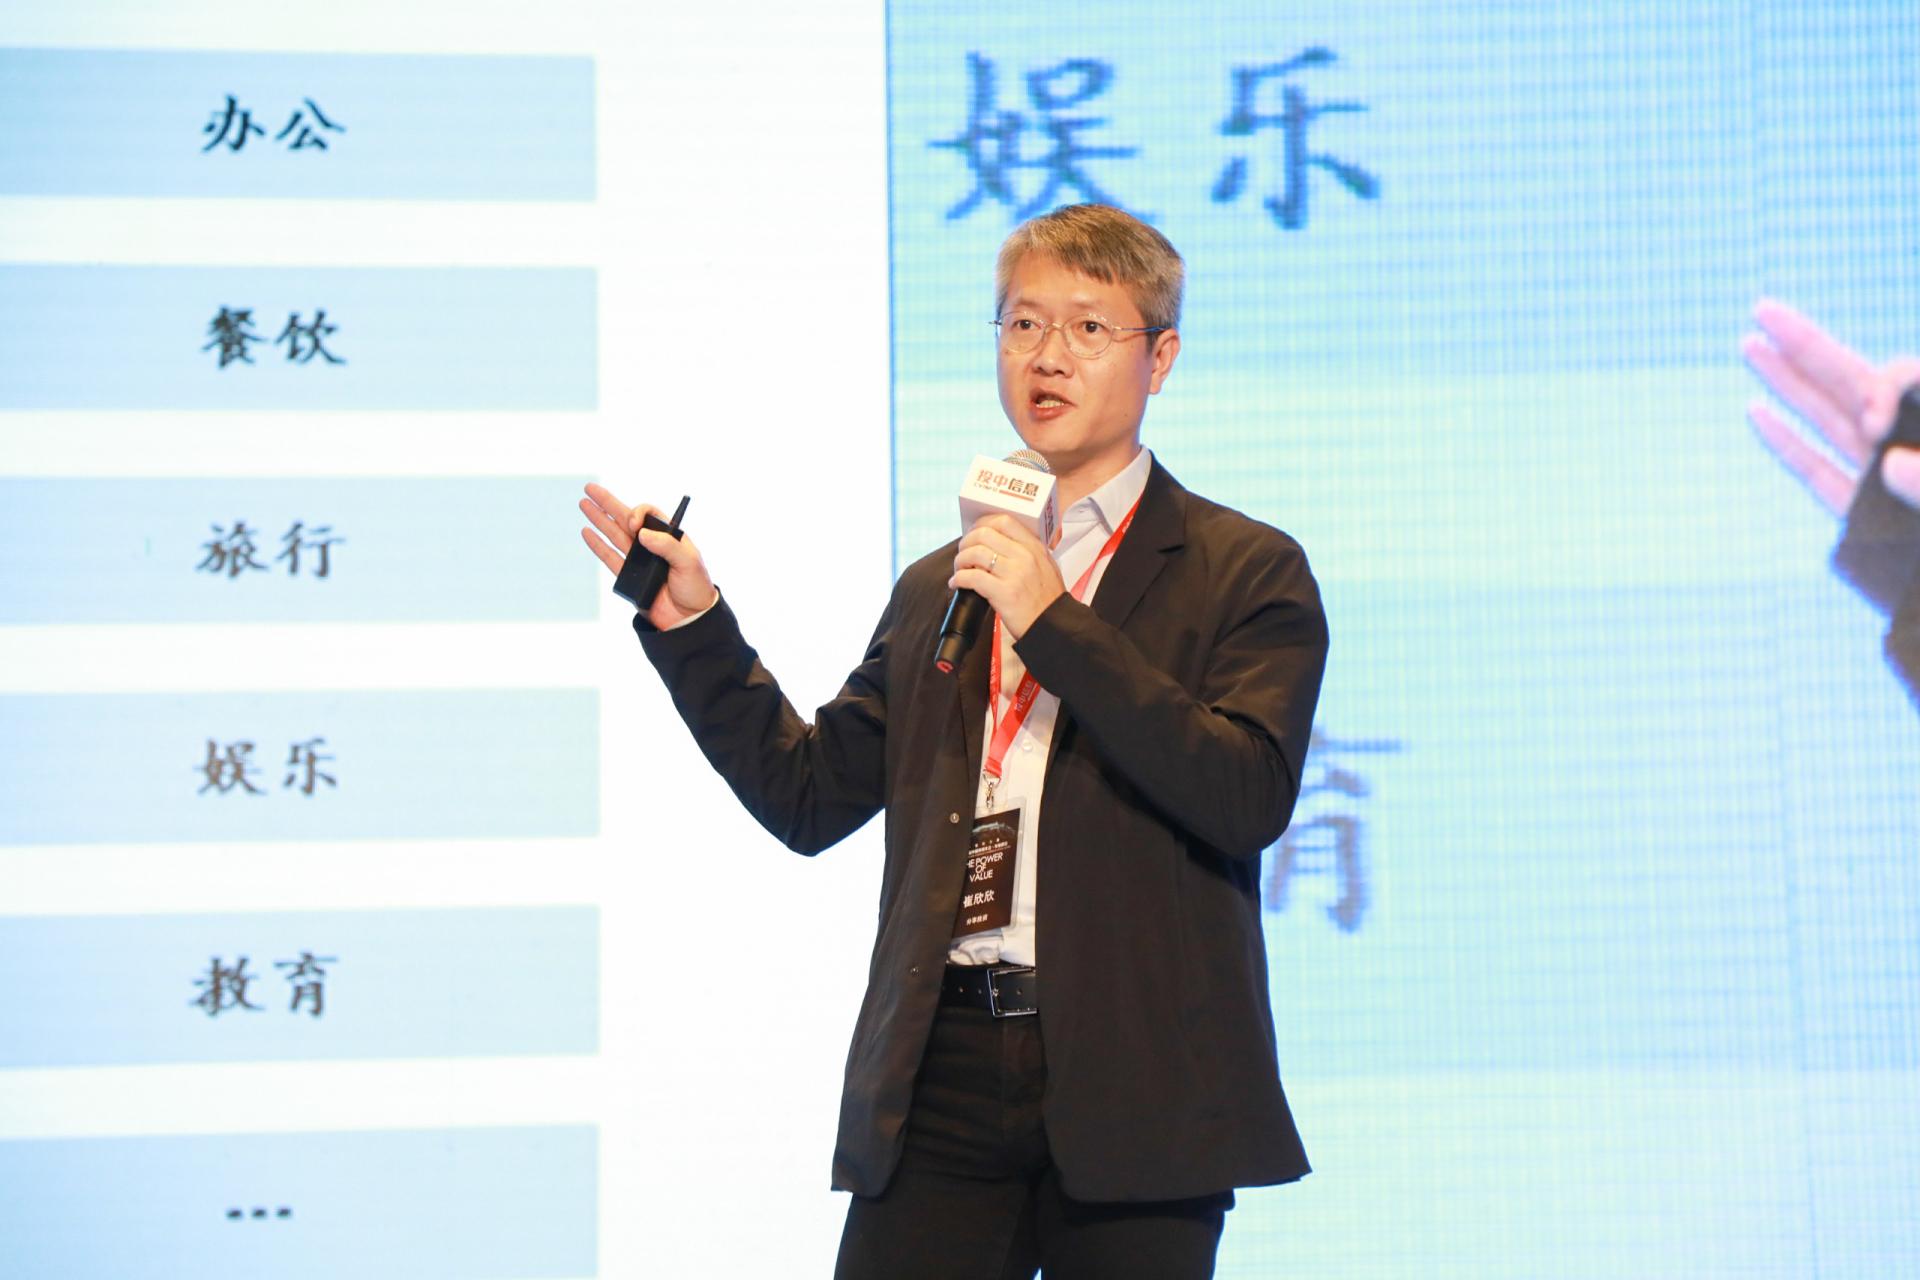 分享投资崔欣欣:消费升级下万亿大居住市场的创投机会